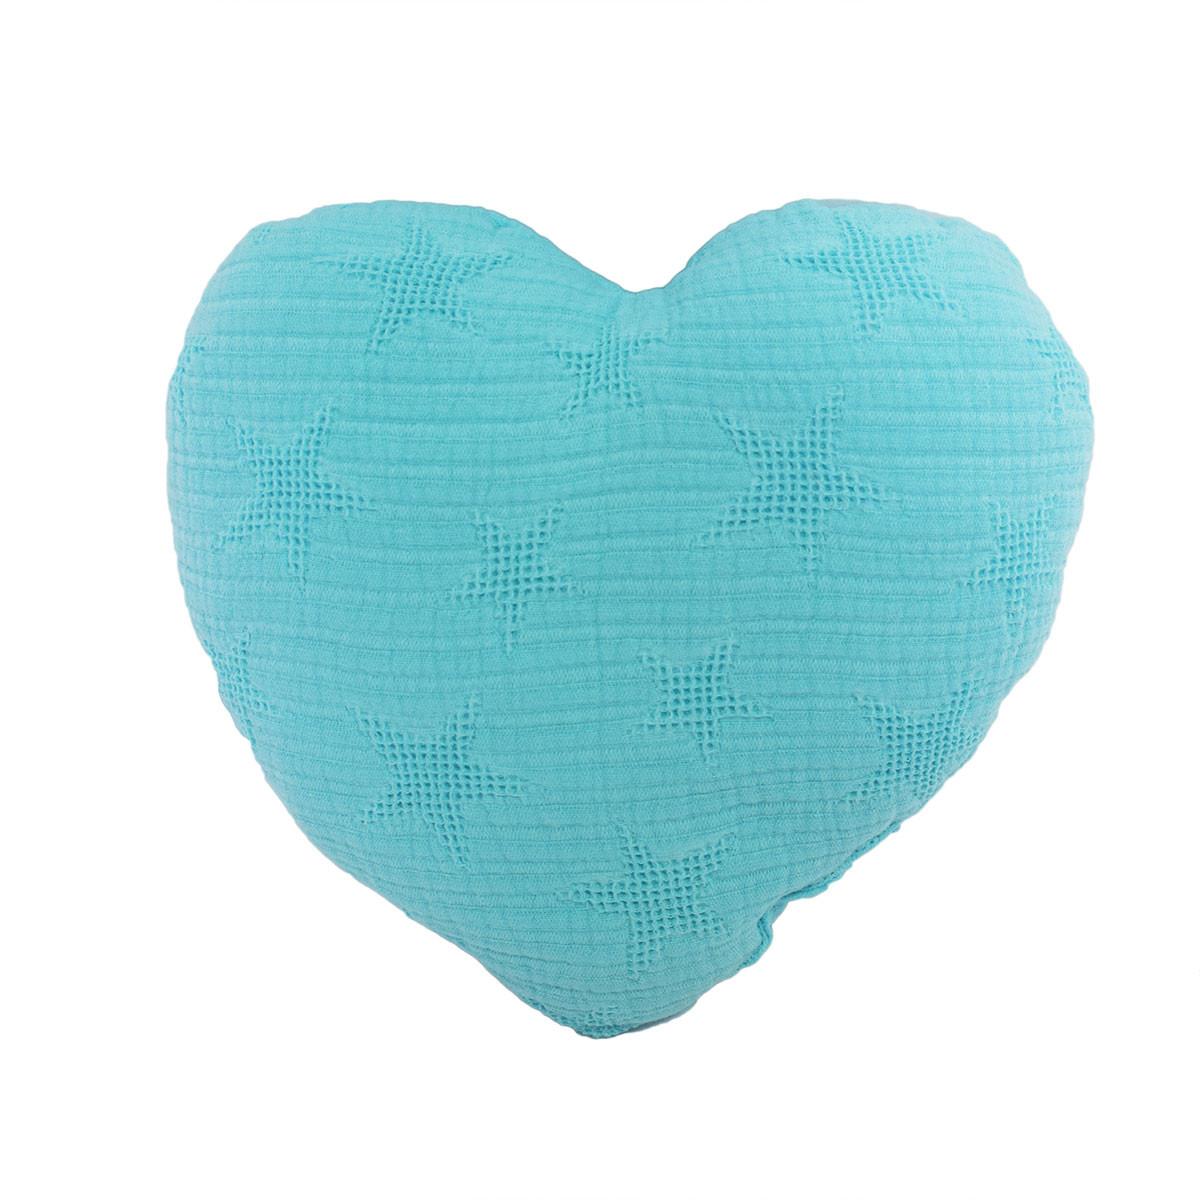 Διακοσμητικό Μαξιλάρι Cigit Heart Zakar Turquoise